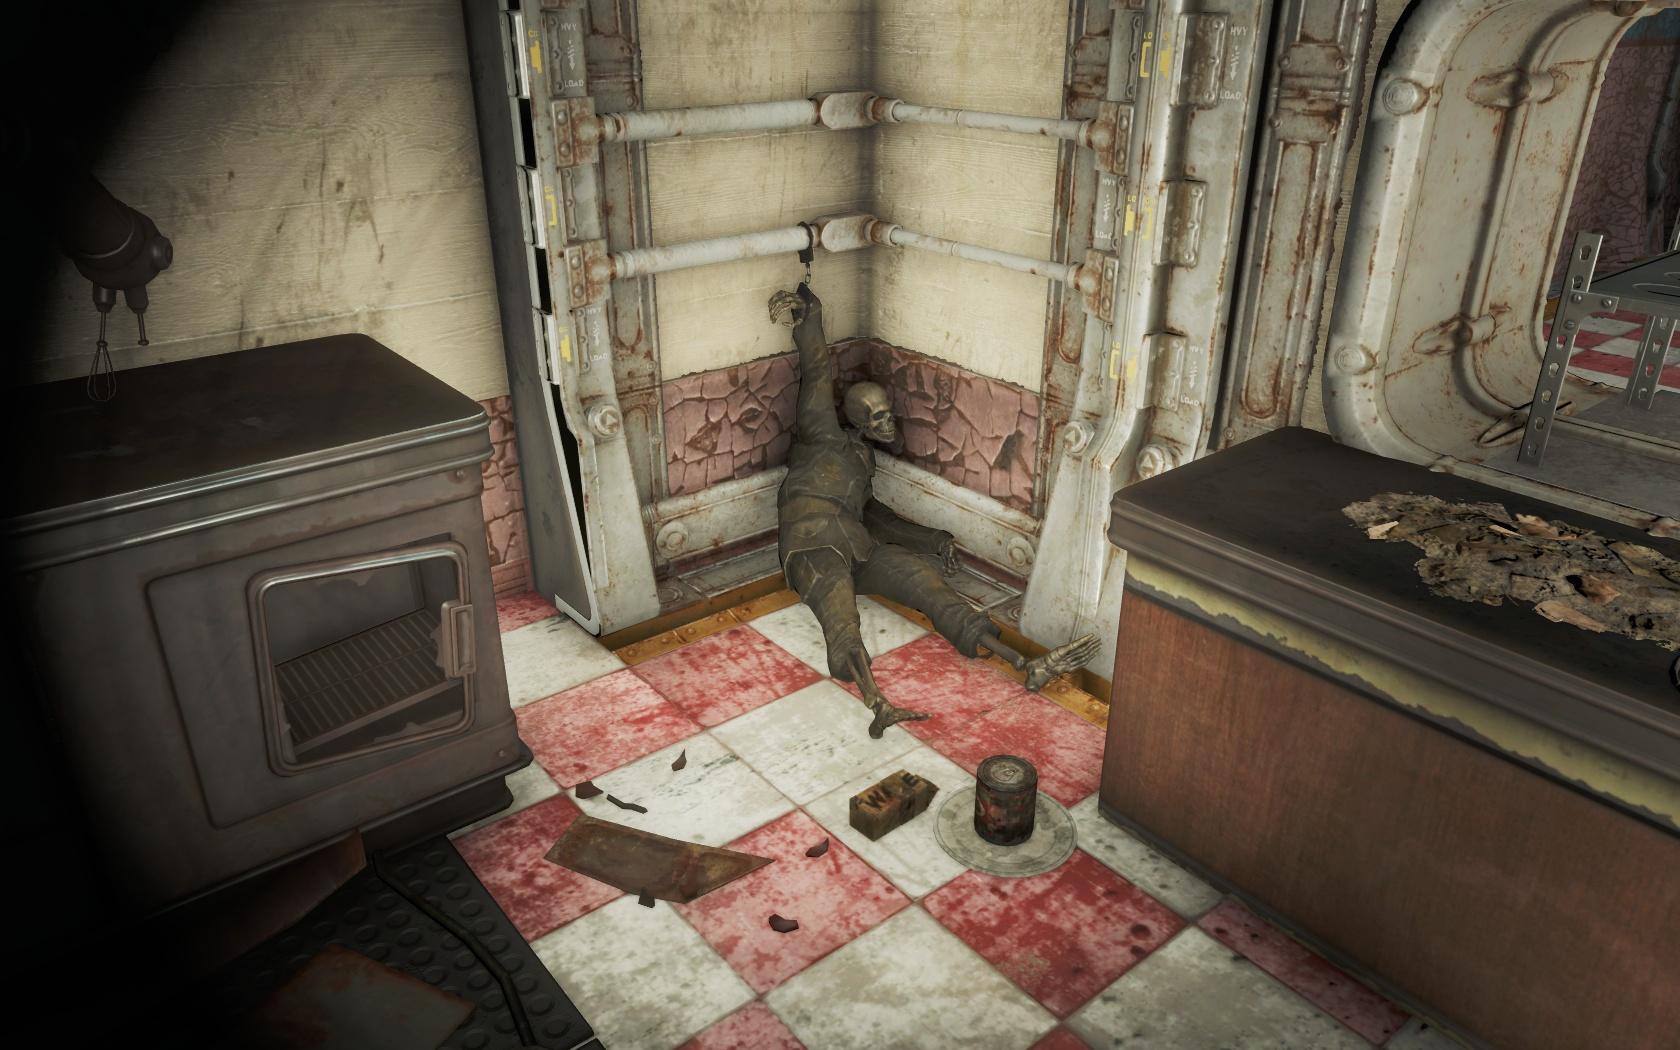 Пленник с собачьими консервами и молоком (Убежище 75) - Fallout 4 консервы, молоко, скелет, собачьи консервы, Убежище, Убежище 75